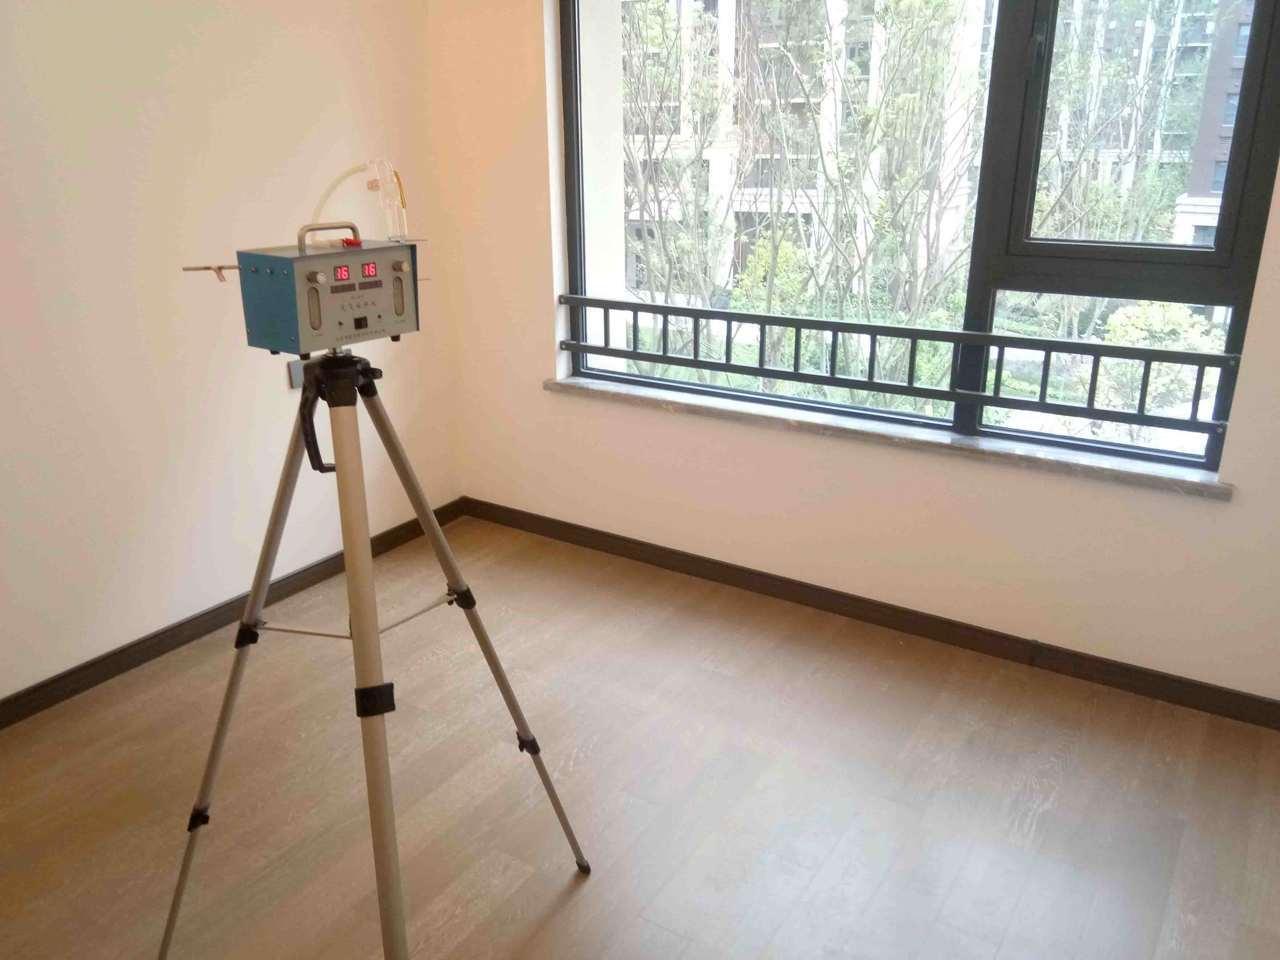 成都室内空气检测CMA机构具体的采样流程说明